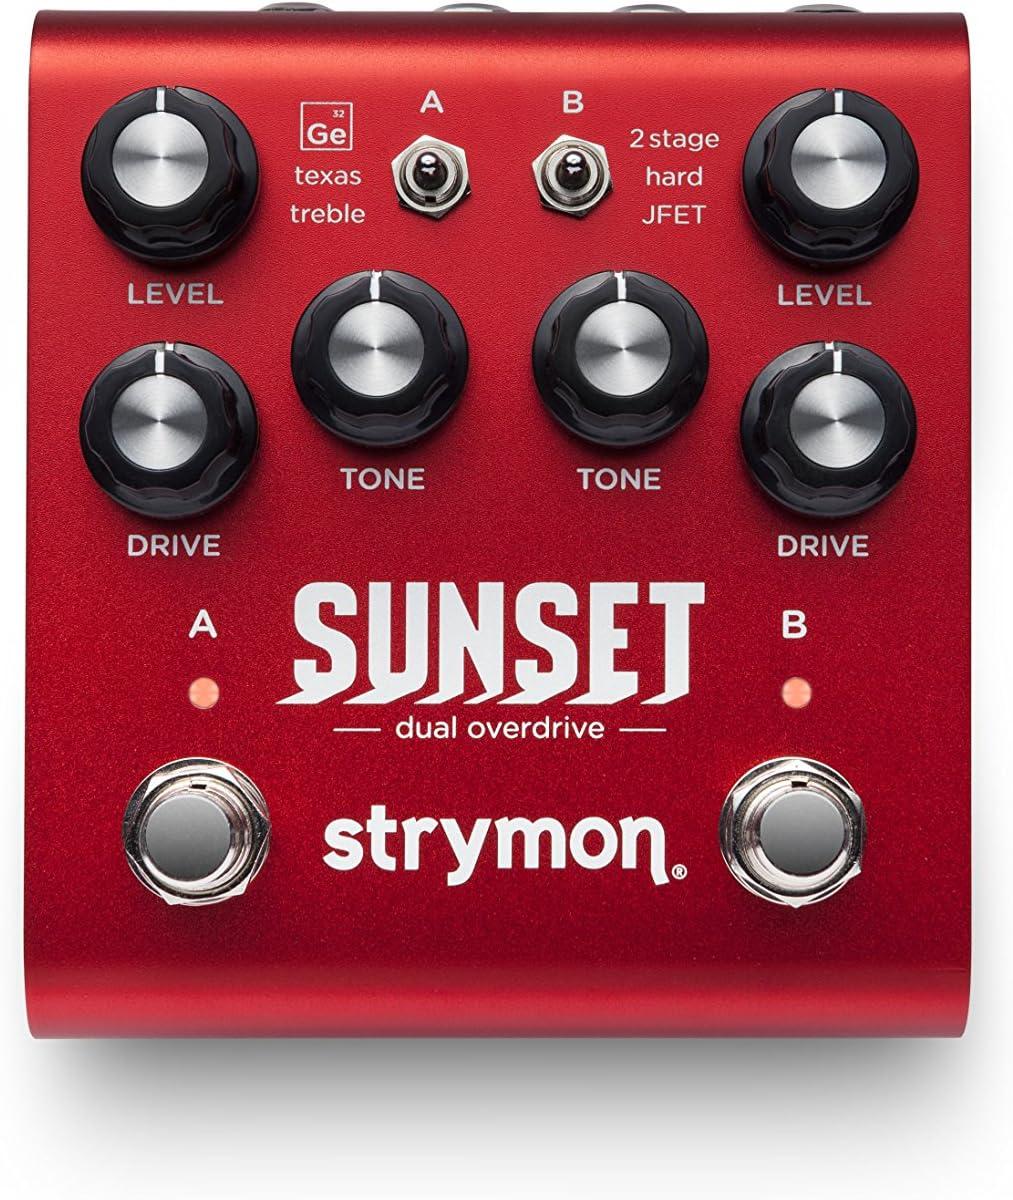 リンク:Sunset